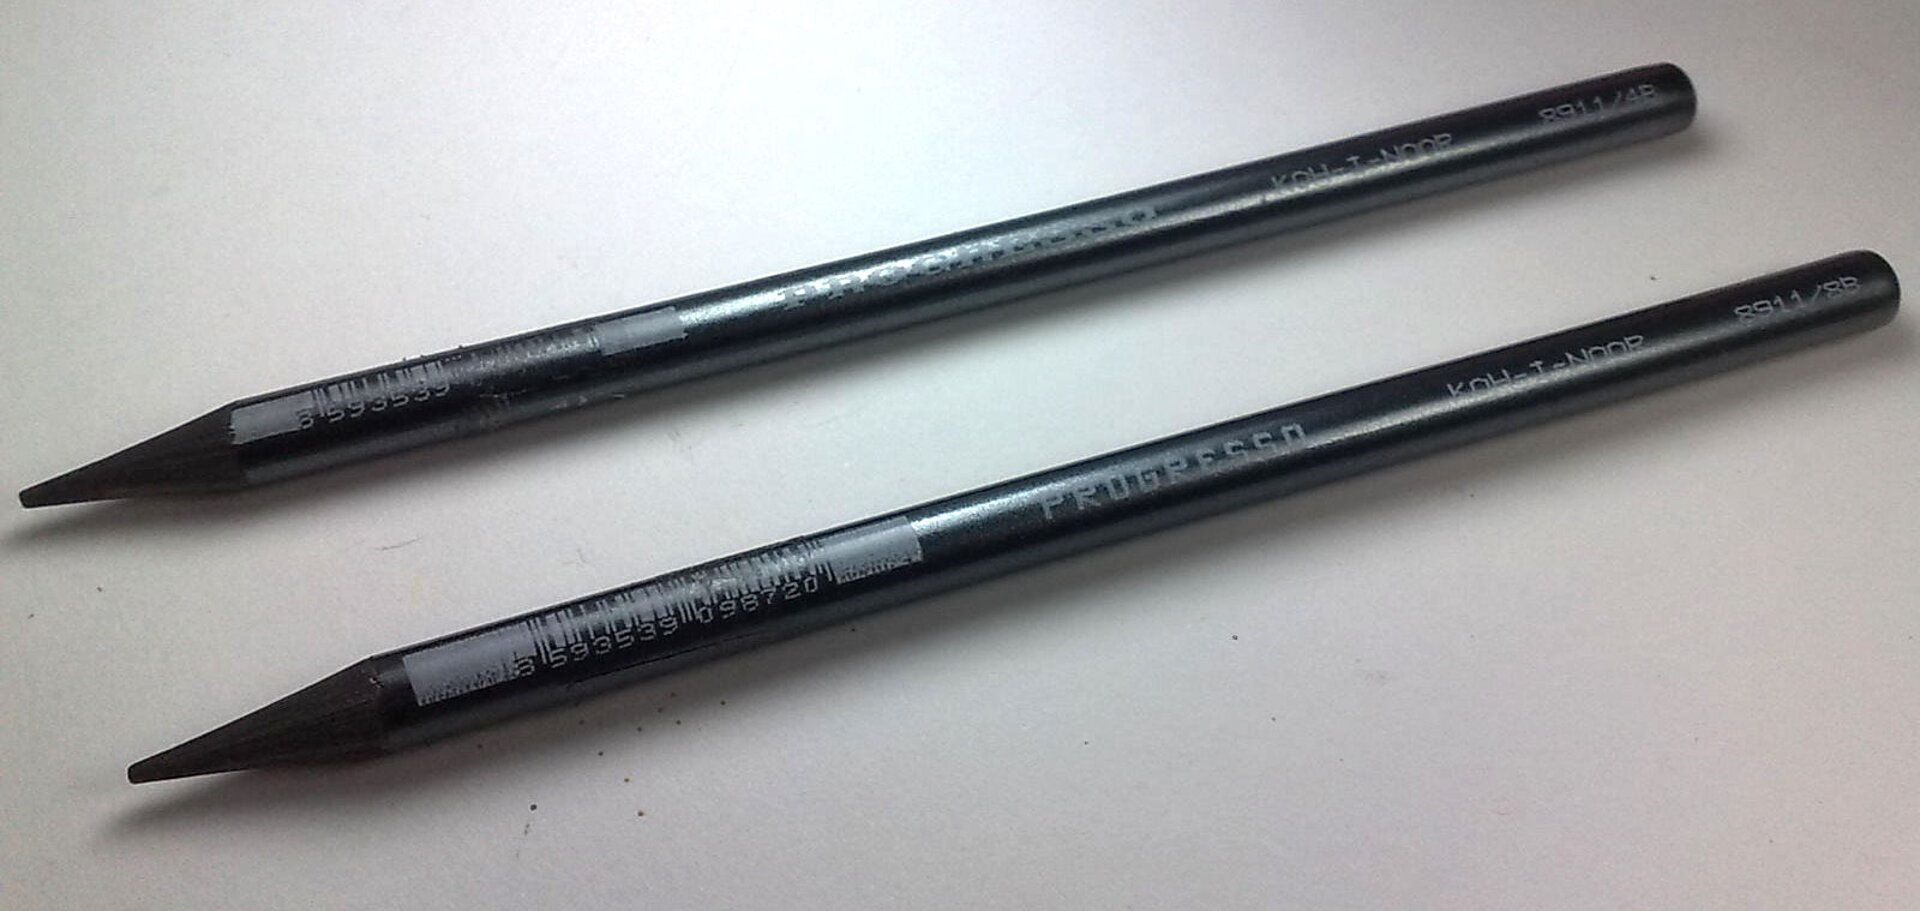 Zdjęcie przedstawia dwie czarne kredki bezdrzewne wykonane zgrafitu.